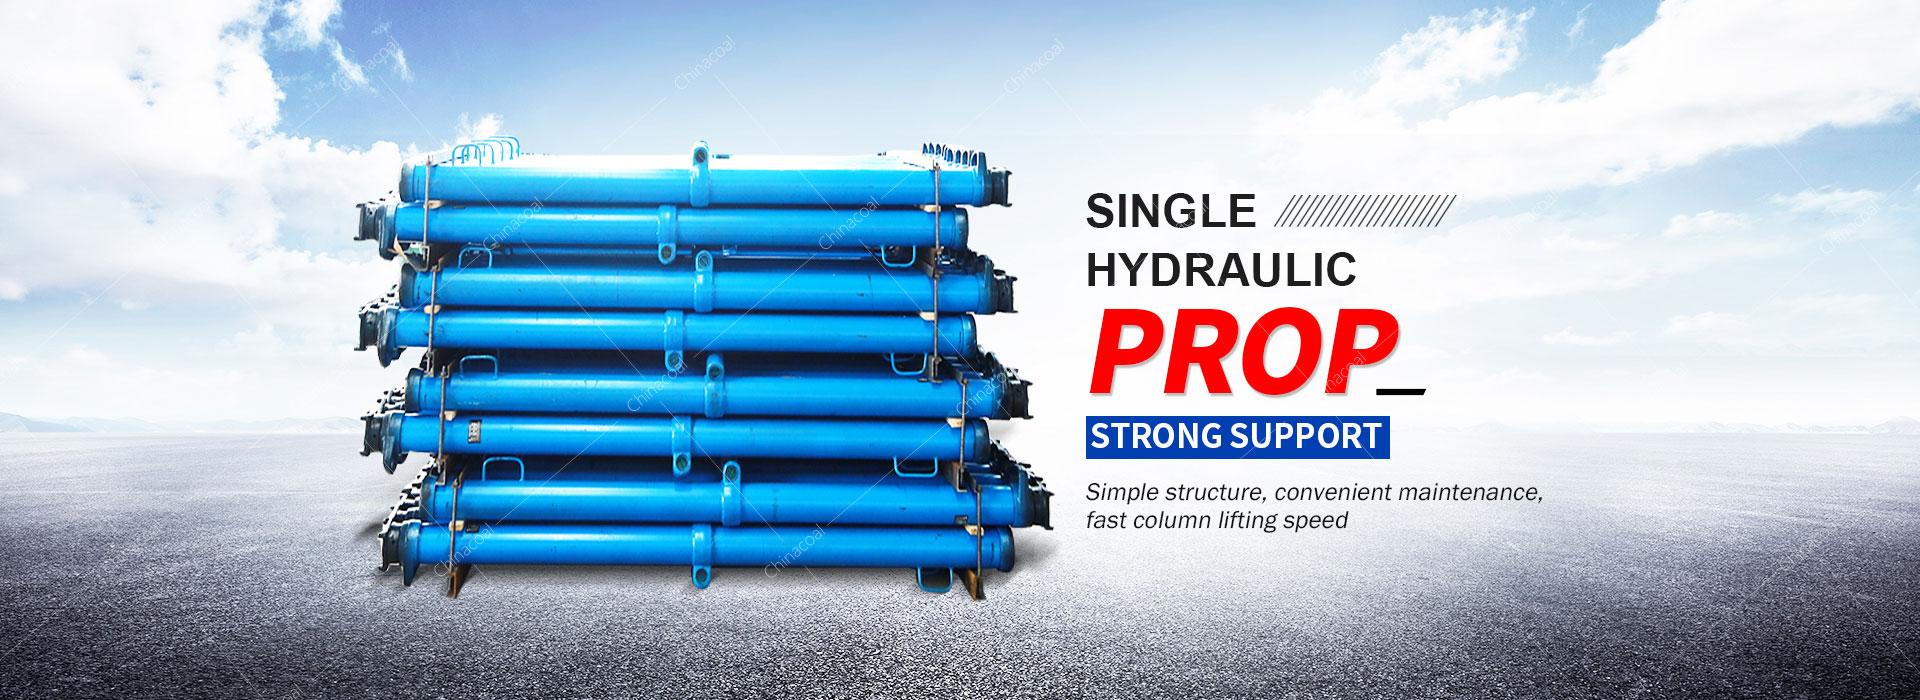 Single hydraulic prop